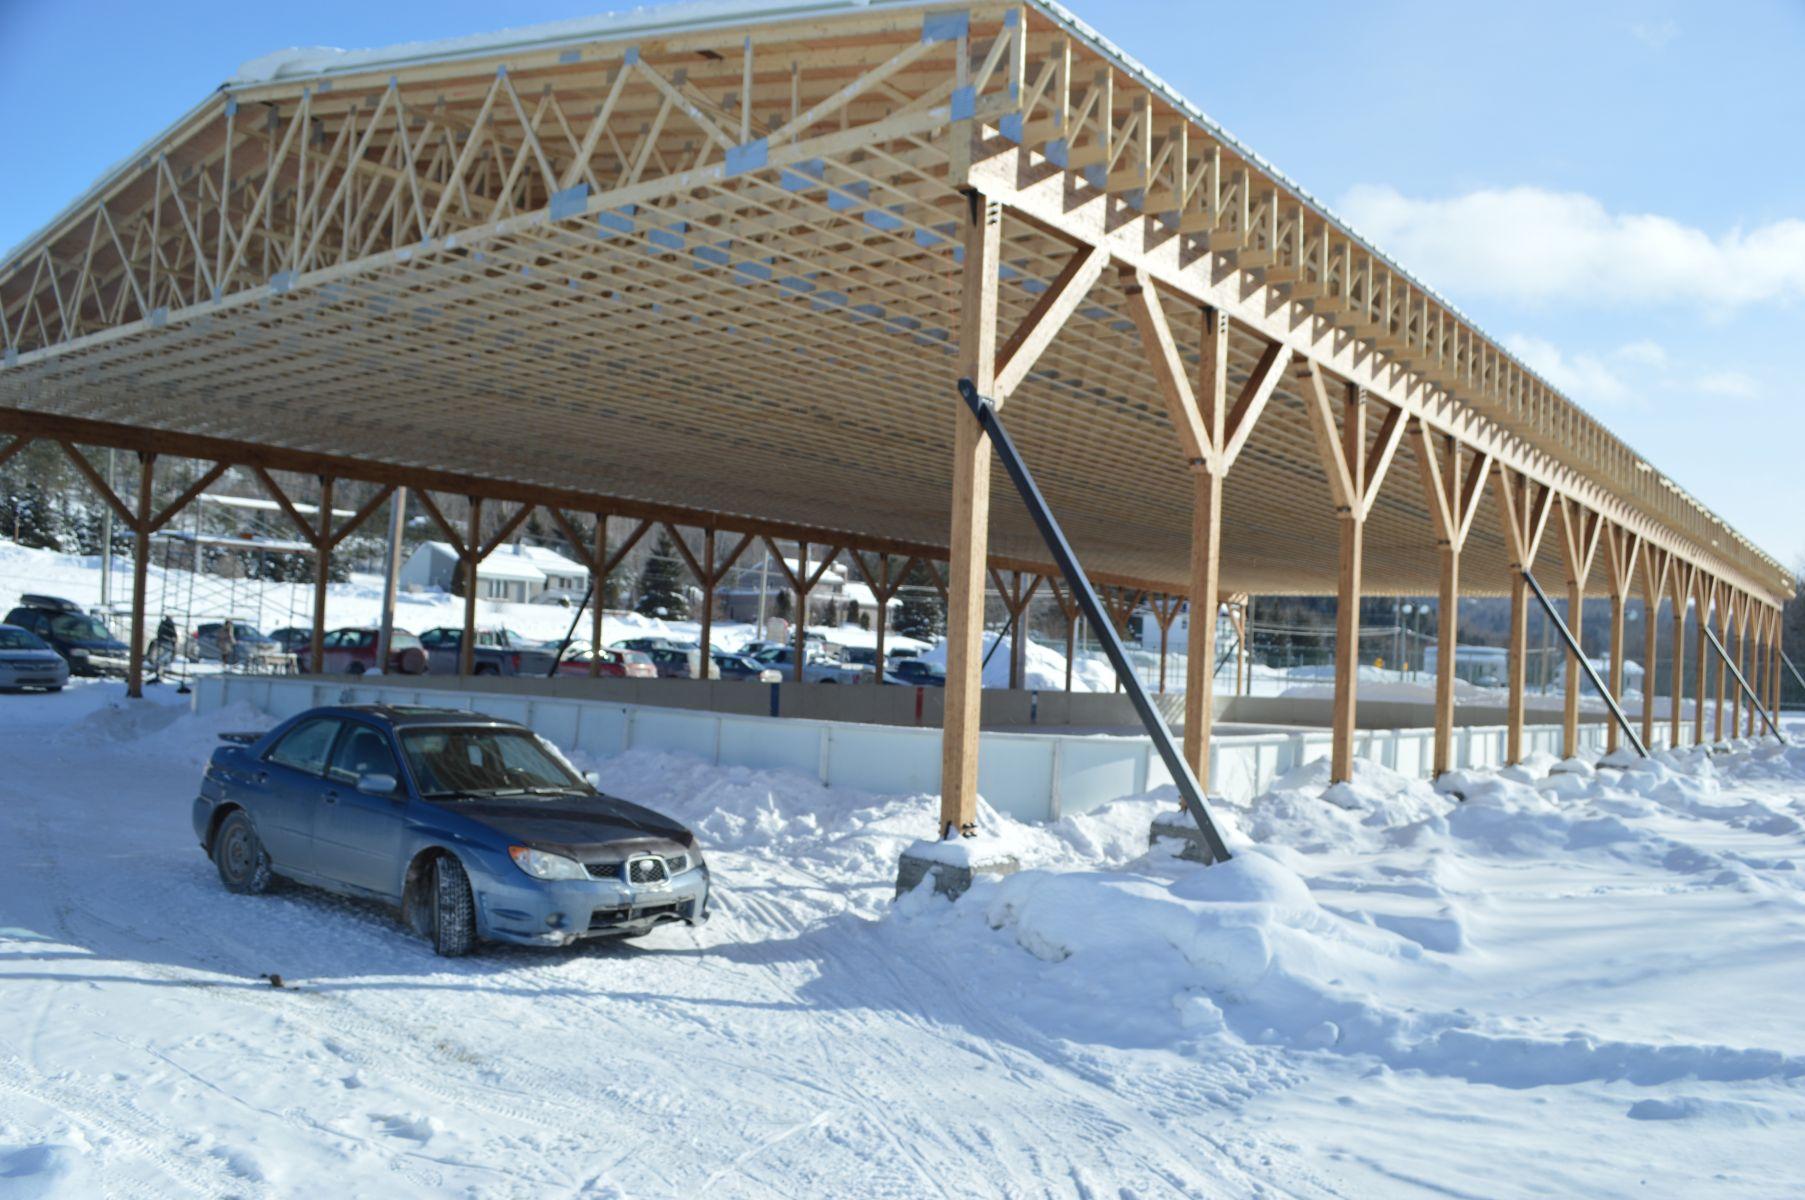 La saga du toit de la patinoire de saint f lix le trait d 39 union - Date des saint de glace 2017 ...